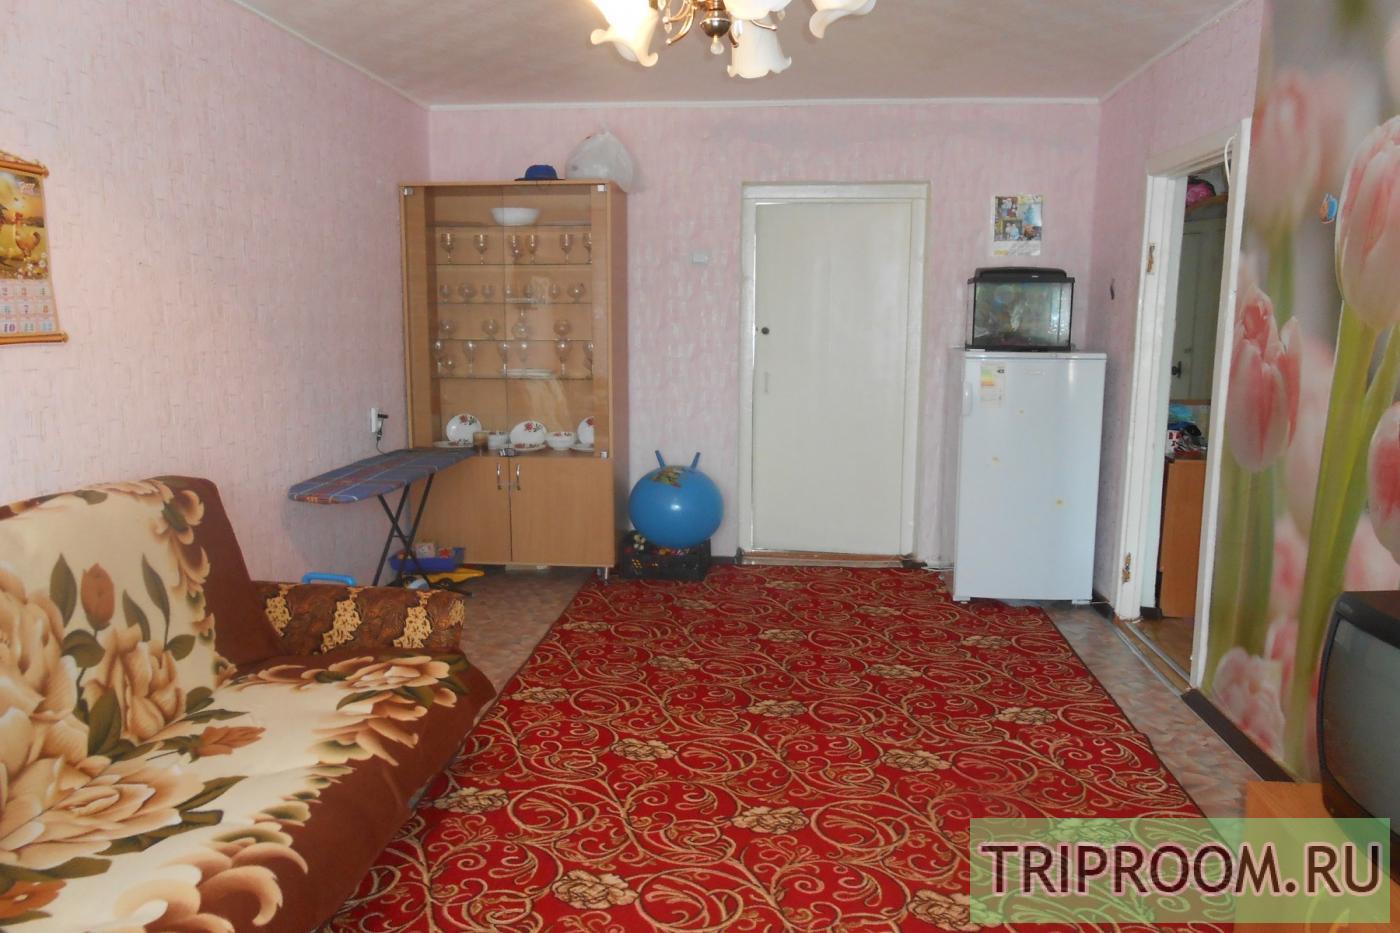 2-комнатная квартира посуточно (вариант № 32154), ул. квартал А, фото № 3